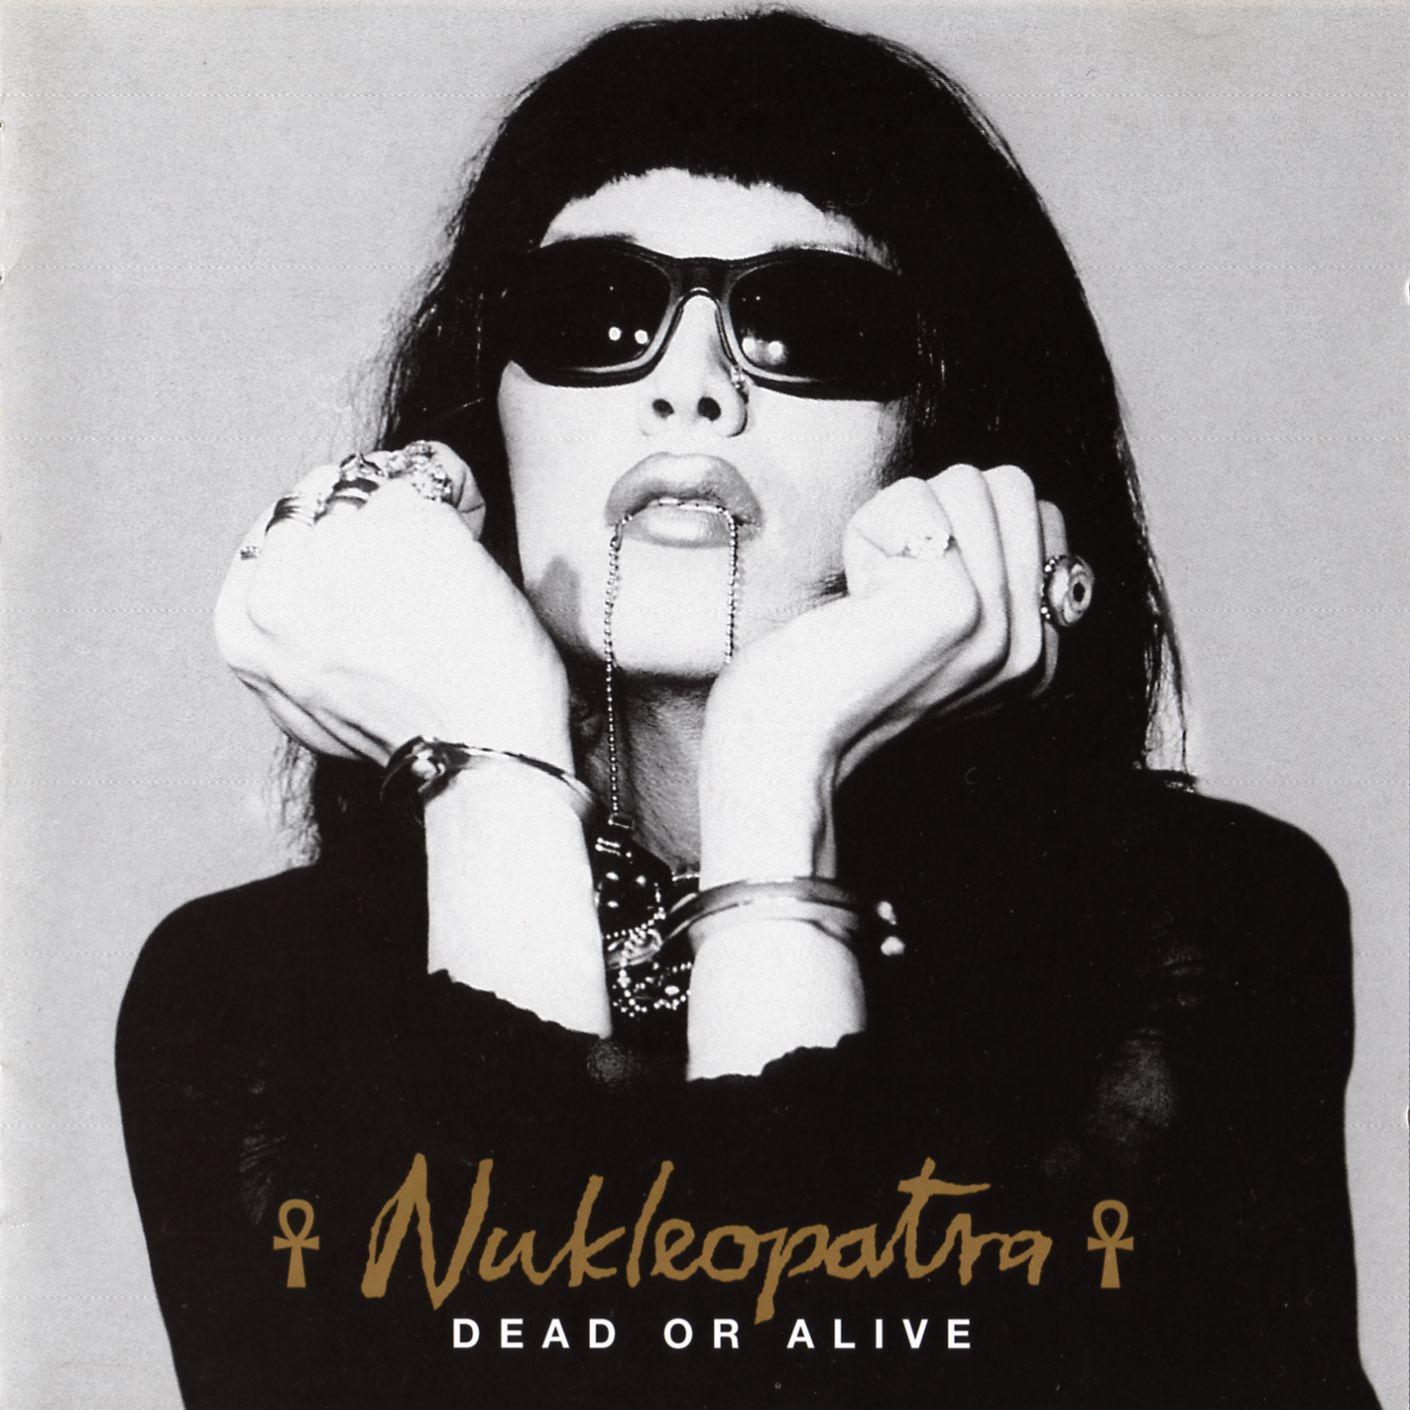 Diva Incarnate: Dead Or Alive - Nukleopatra (1995): divaincarnate.blogspot.com/2010/09/dead-or-alive-nukleopatra-1995.html